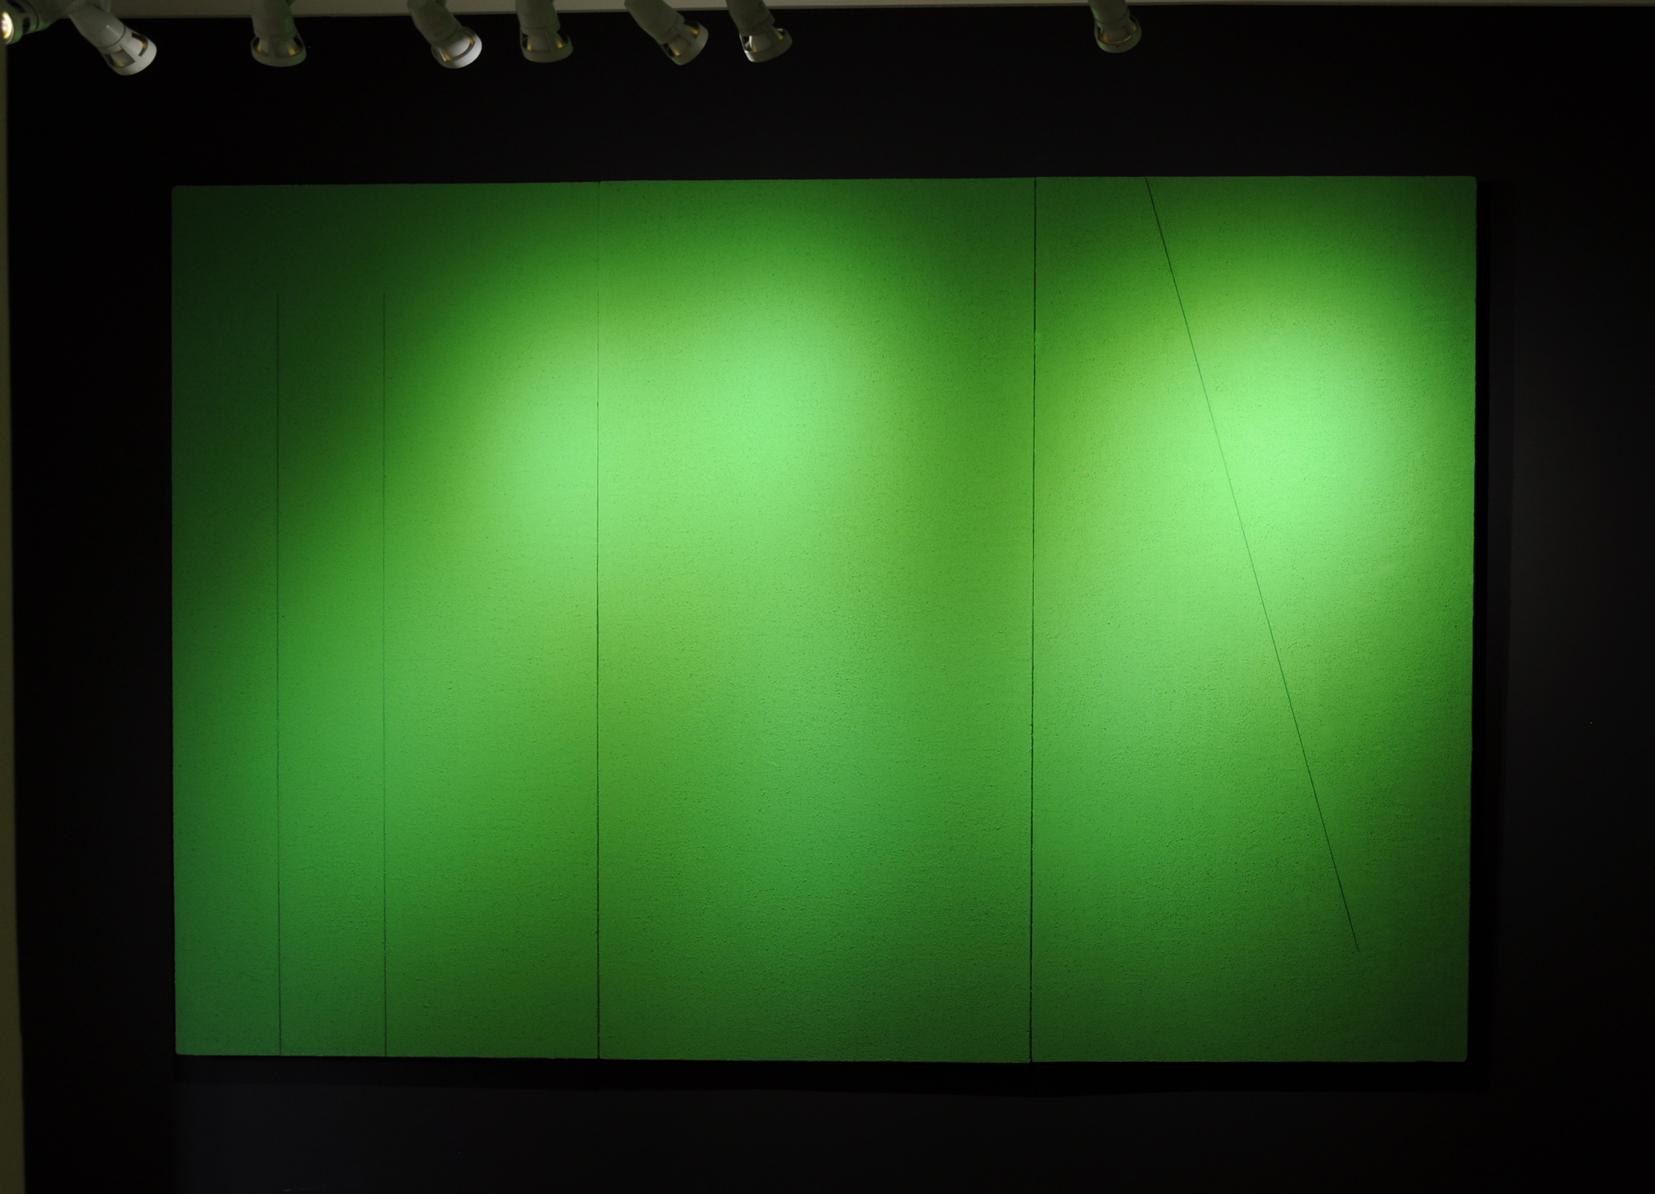 Tomasz Zawadzki,widok z wystawy indywidualnej-Pola odniesień,Sosnowieckie Centrum Sztuki,Galeria Extravagance,Sosnowiec,2016